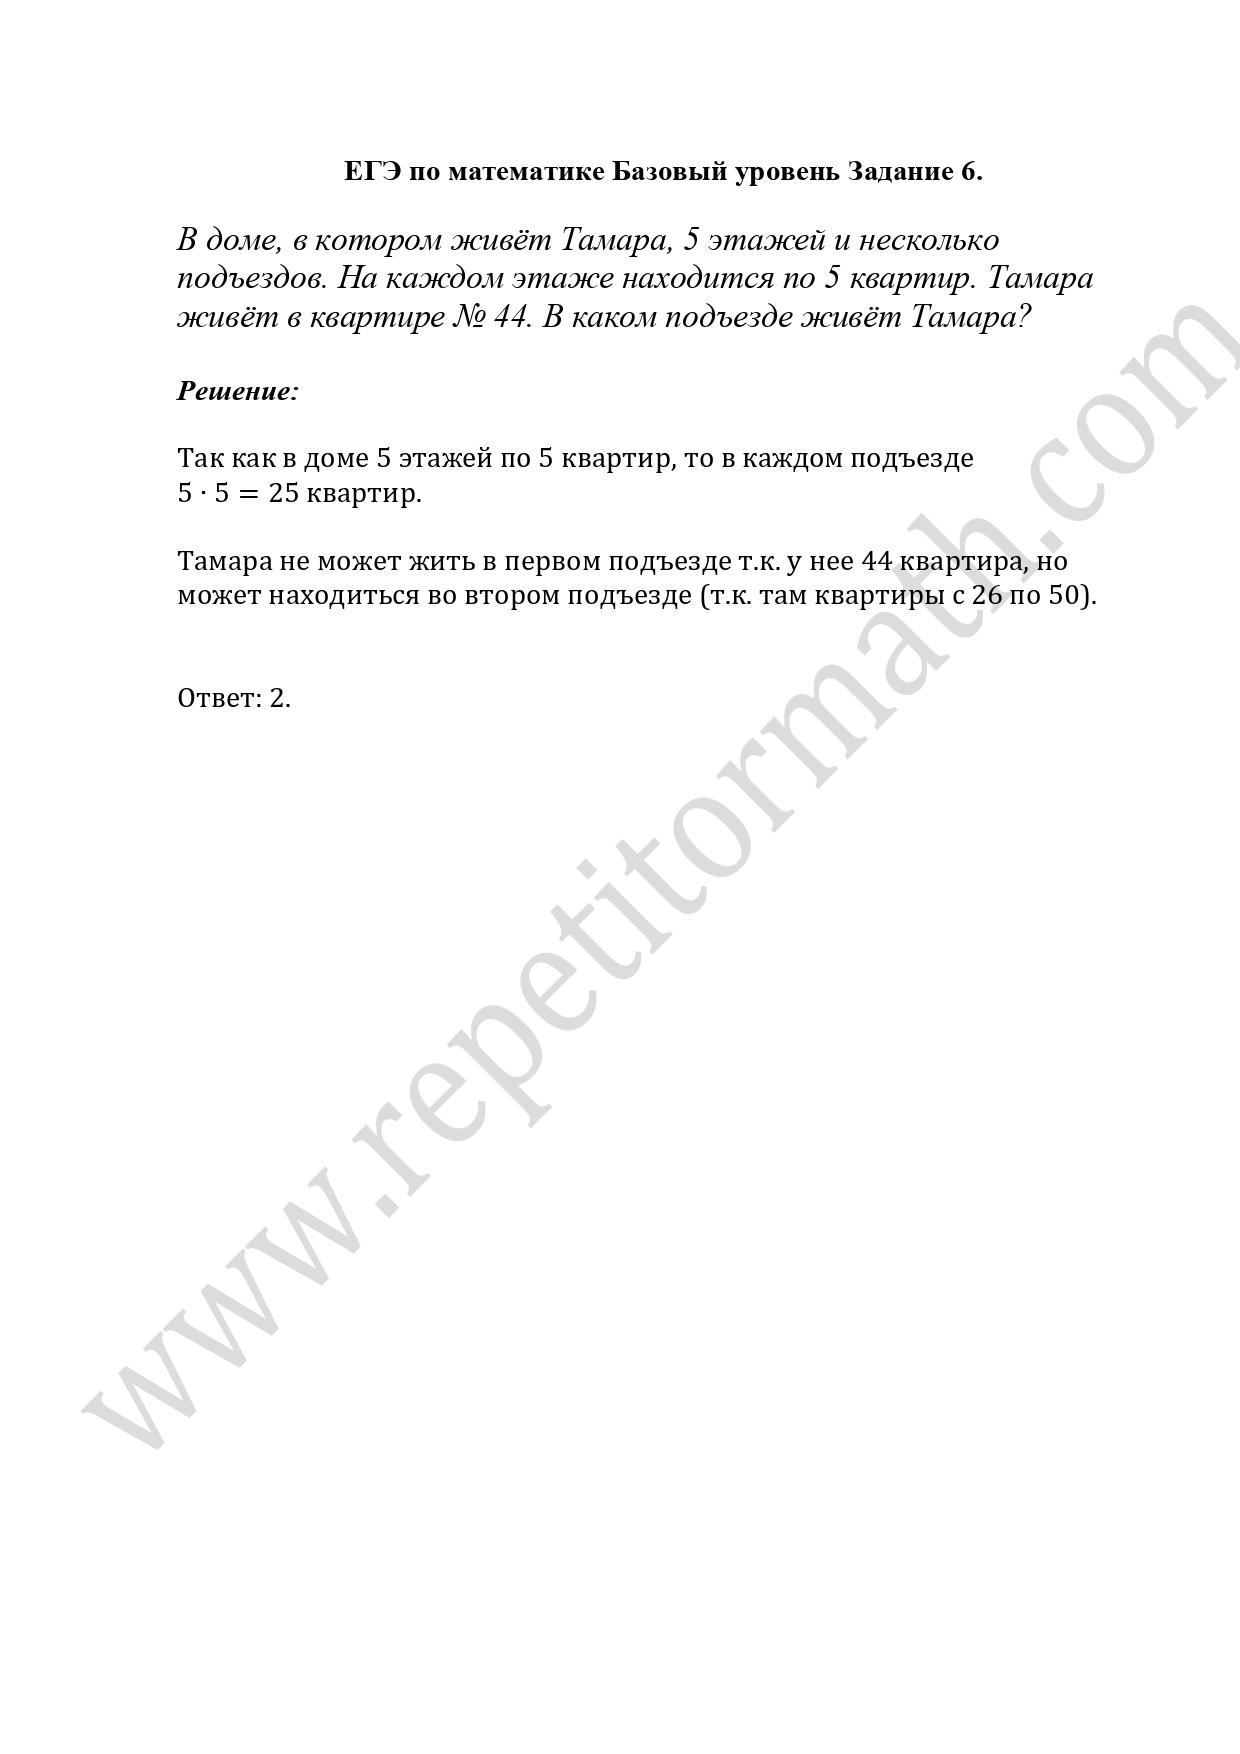 Задание №6 ЕГЭ (базовый уровень)